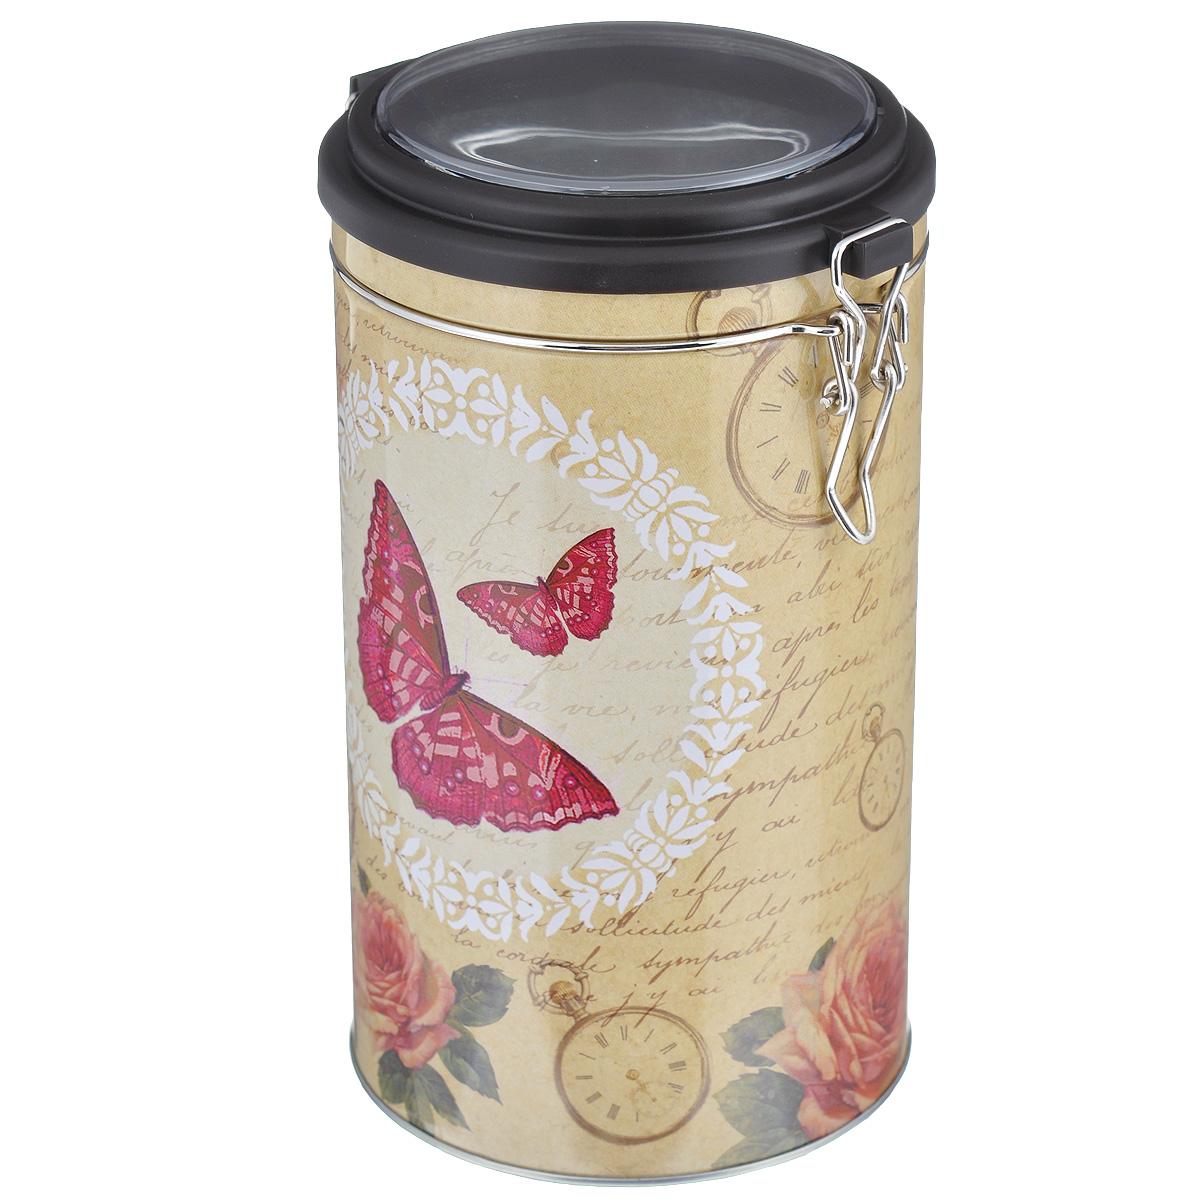 Банка для сыпучих продуктов Феникс-презент Розовая бабочка, 1,8 лVT-1520(SR)Банка для сыпучих продуктов Феникс-презент Розовая бабочка, изготовленная из окрашенного черного металла, оформлена ярким рисунком. Банка прекрасно подойдет для хранения различных сыпучих продуктов: специй, чая, кофе, сахара, круп и многого другого. Емкость плотно закрывается прозрачной пластиковой крышкой на металлический замок. Благодаря этому она будет дольше сохранять свежесть ваших продуктов.Функциональная и вместительная, такая банка станет незаменимым аксессуаром на любой кухне. Нельзя мыть в посудомоечной машине.Объем банки: 1,8 л.Высота банки (без учета крышки): 17,4 см. Диаметр банки (по верхнему краю): 10,5 см.